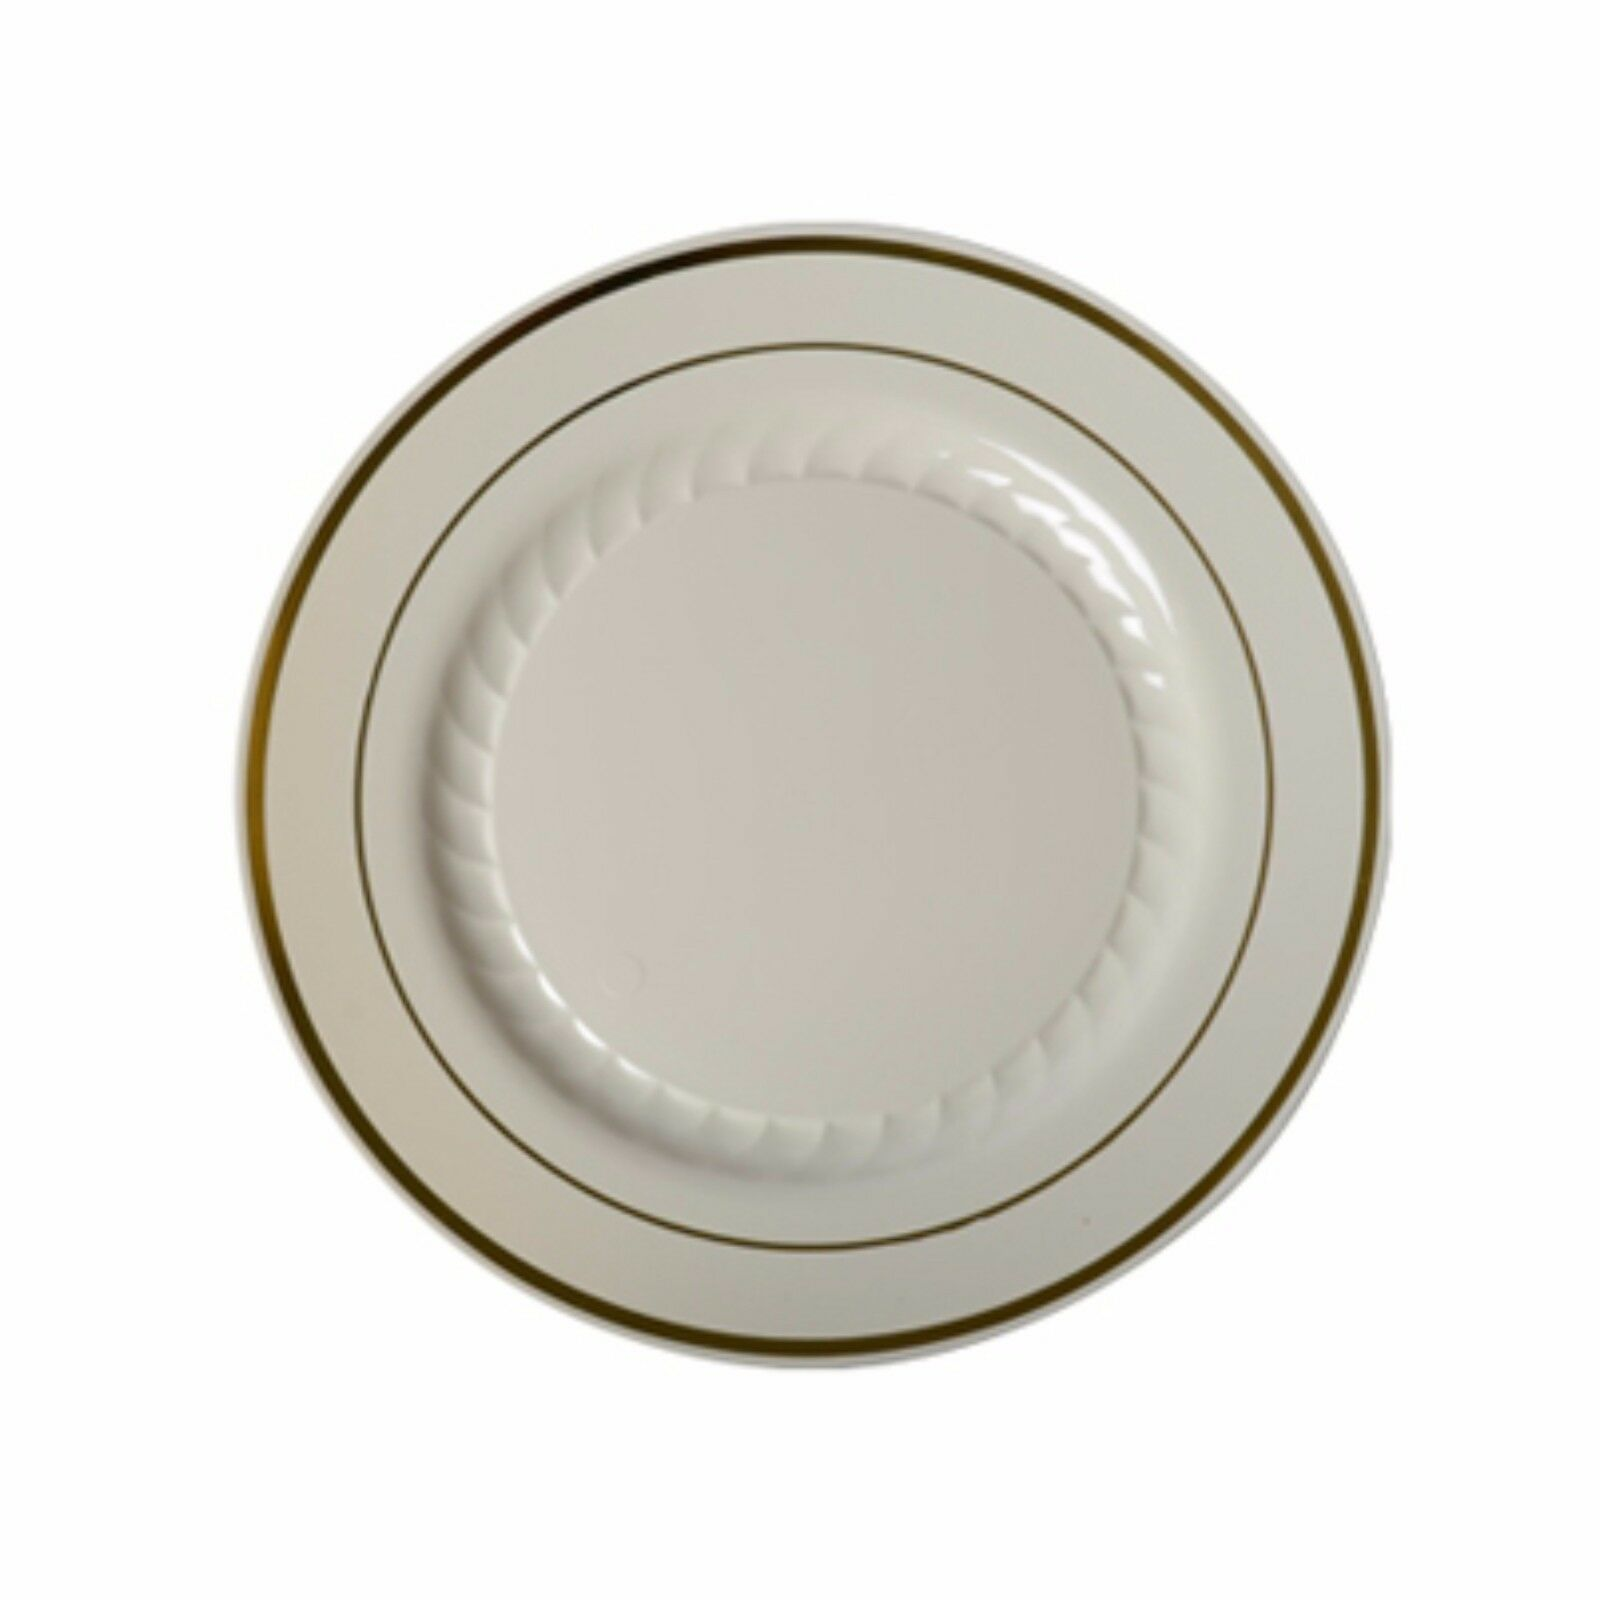 6  Salade Desert Ivoire PLAQUES Premium poids lourd en plastique avec bordure dorée (1 cas)